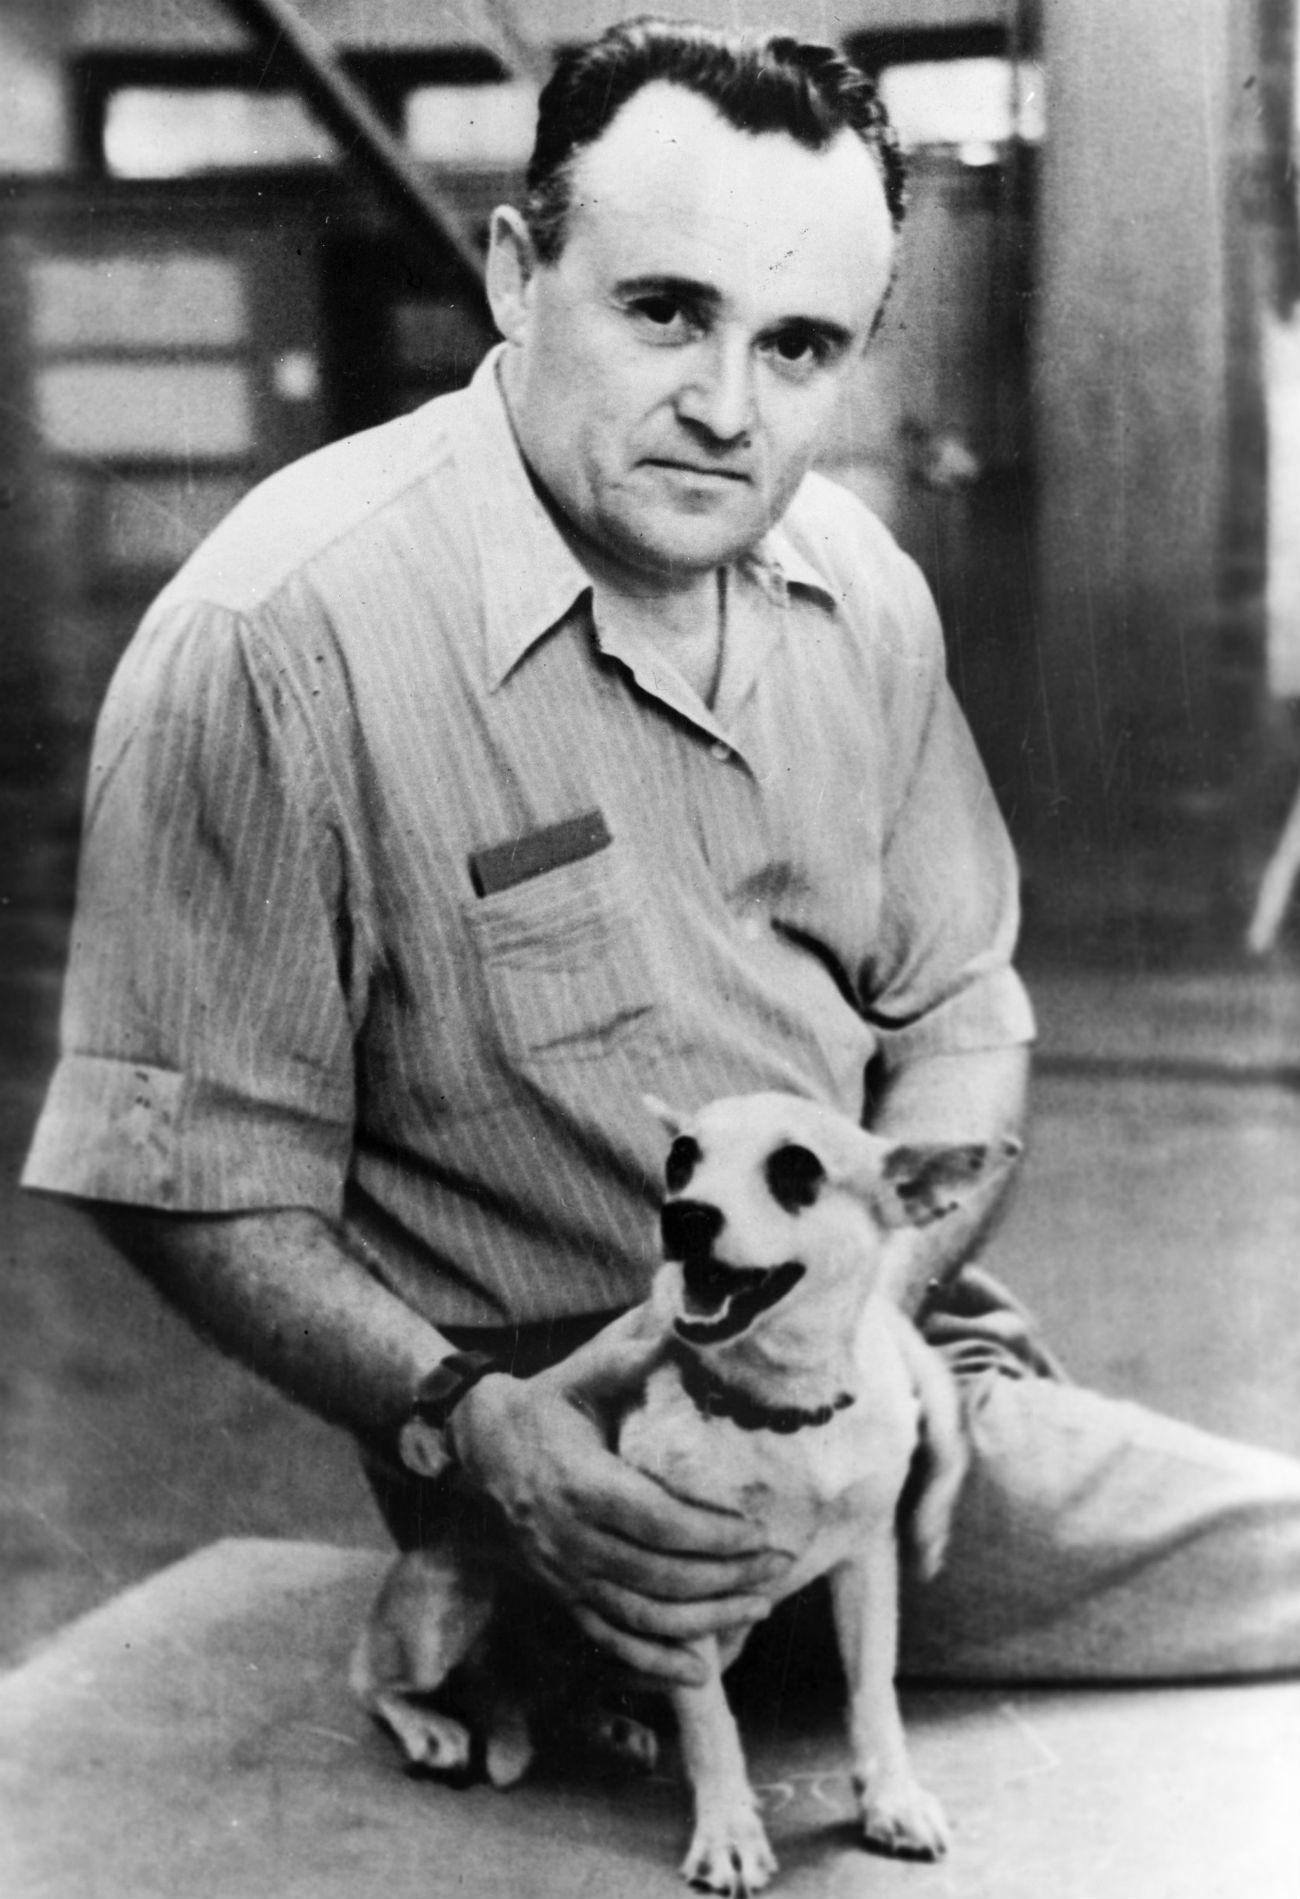 Antes del vuelo de Yuri Gagarin de 1961, la URSS había enviado numerosos perros al espacio para observar lo que ocurría a una criatura viva durante un vuelo espacial. Serguéi Koroliov junto a un perro espacial, antes de ponerlo en órbita, 1960.